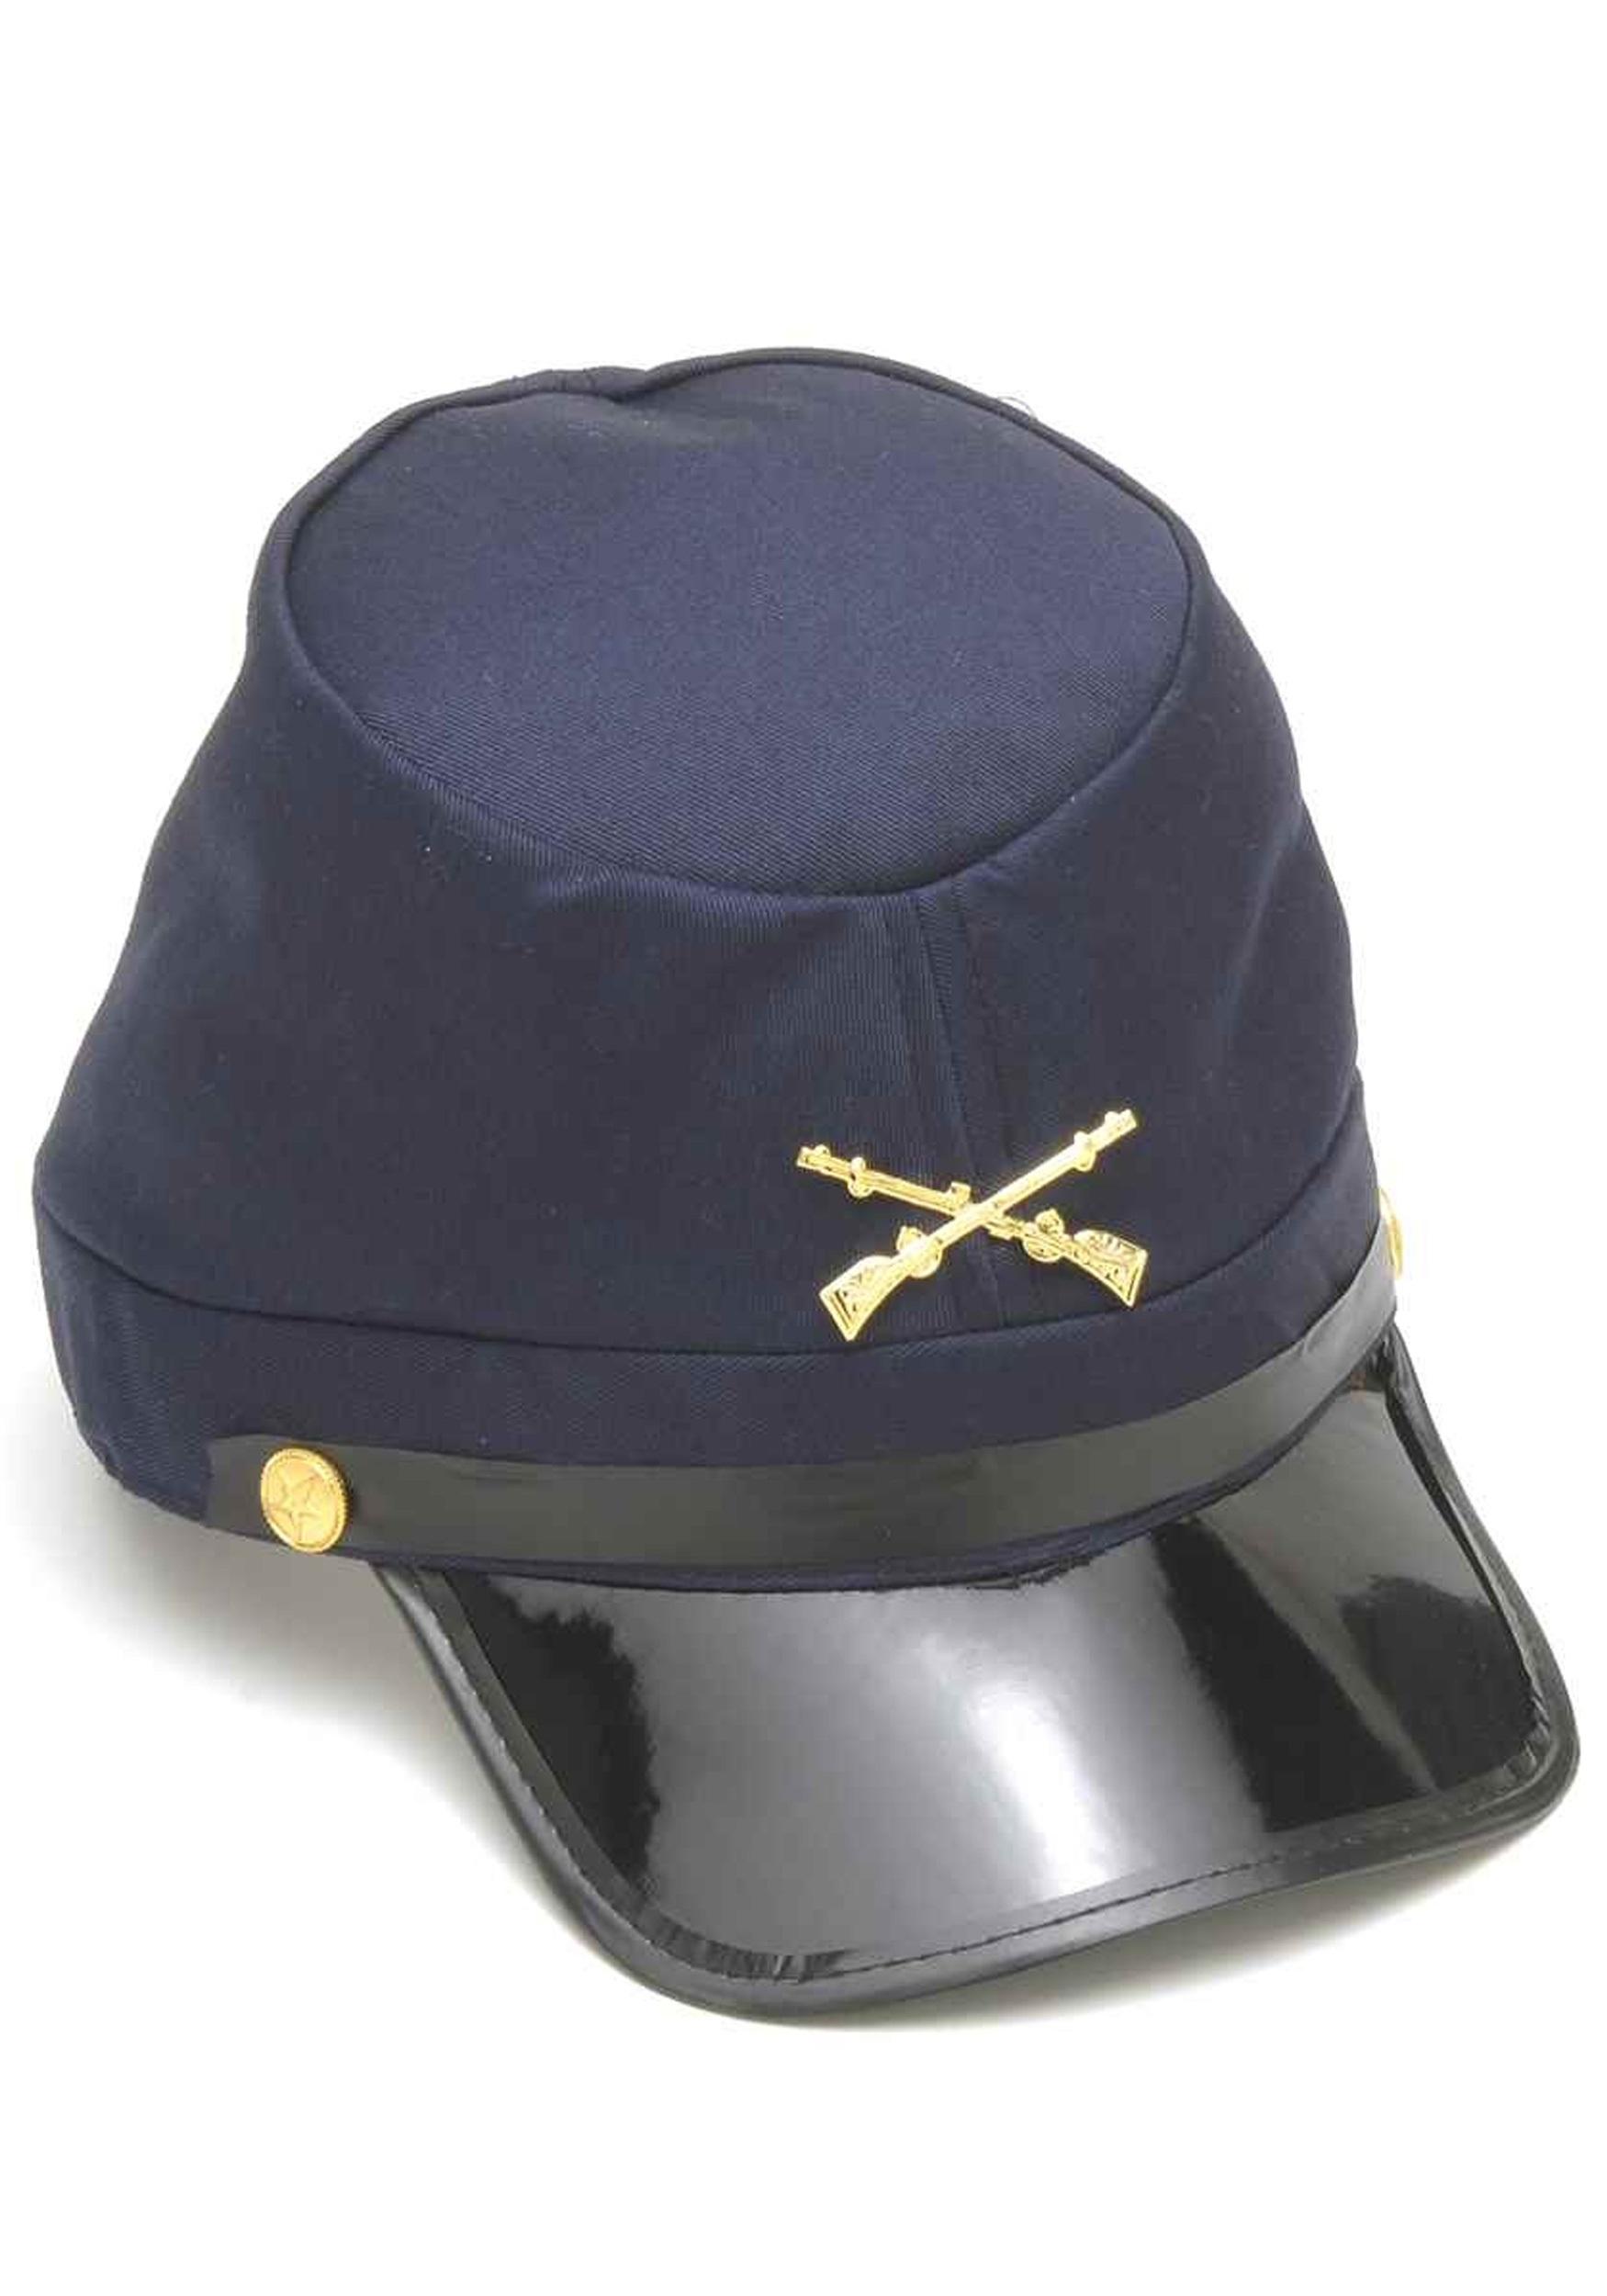 24c4971e3f0 union-kepi-hat.jpg